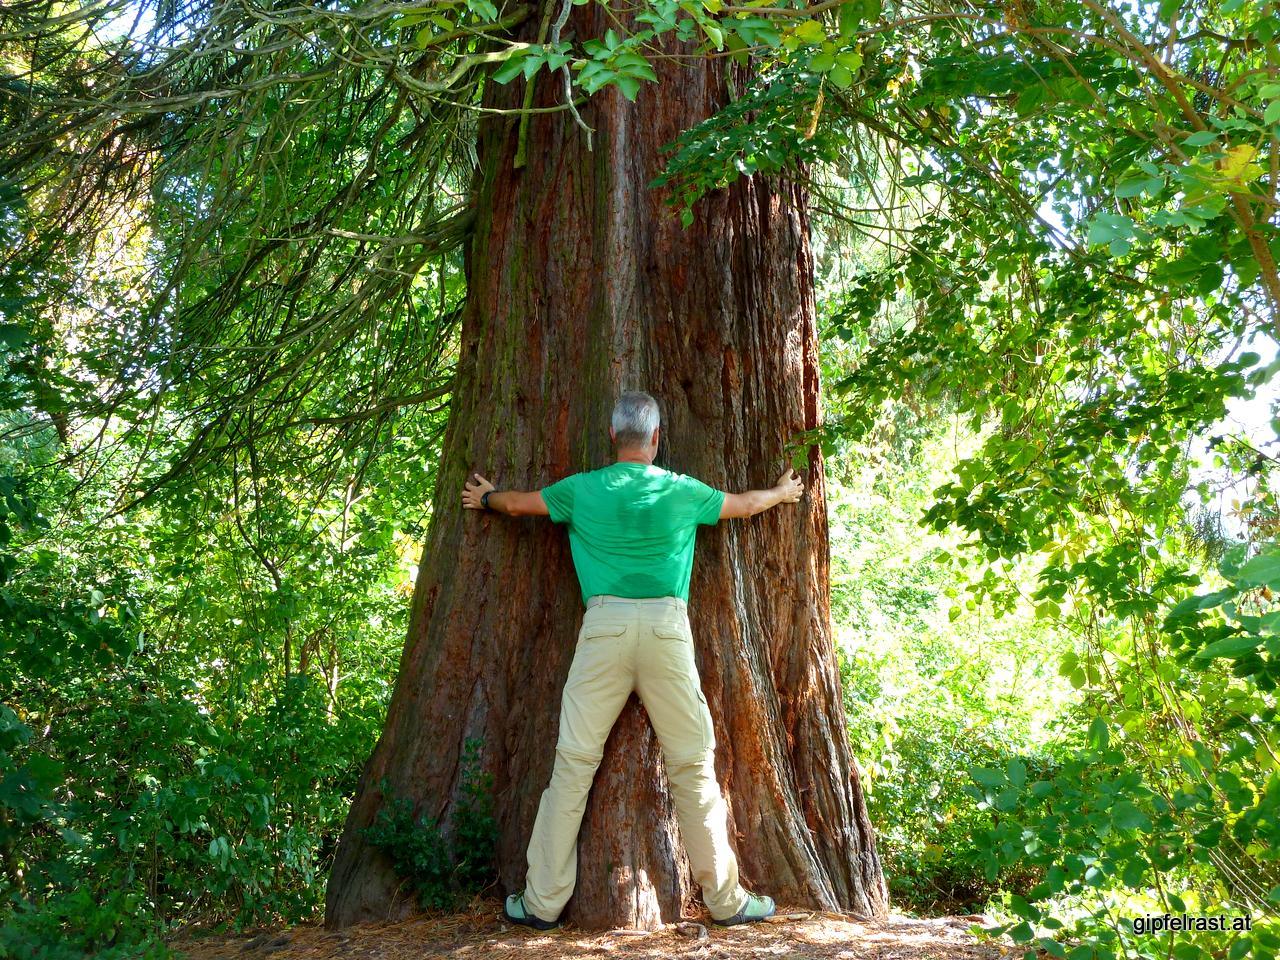 Drei bis vier Exemplare meinereiner bräuchte es wohl, um den Mammutbaum am Eingang des Grazer Urwalds zu umarmen.